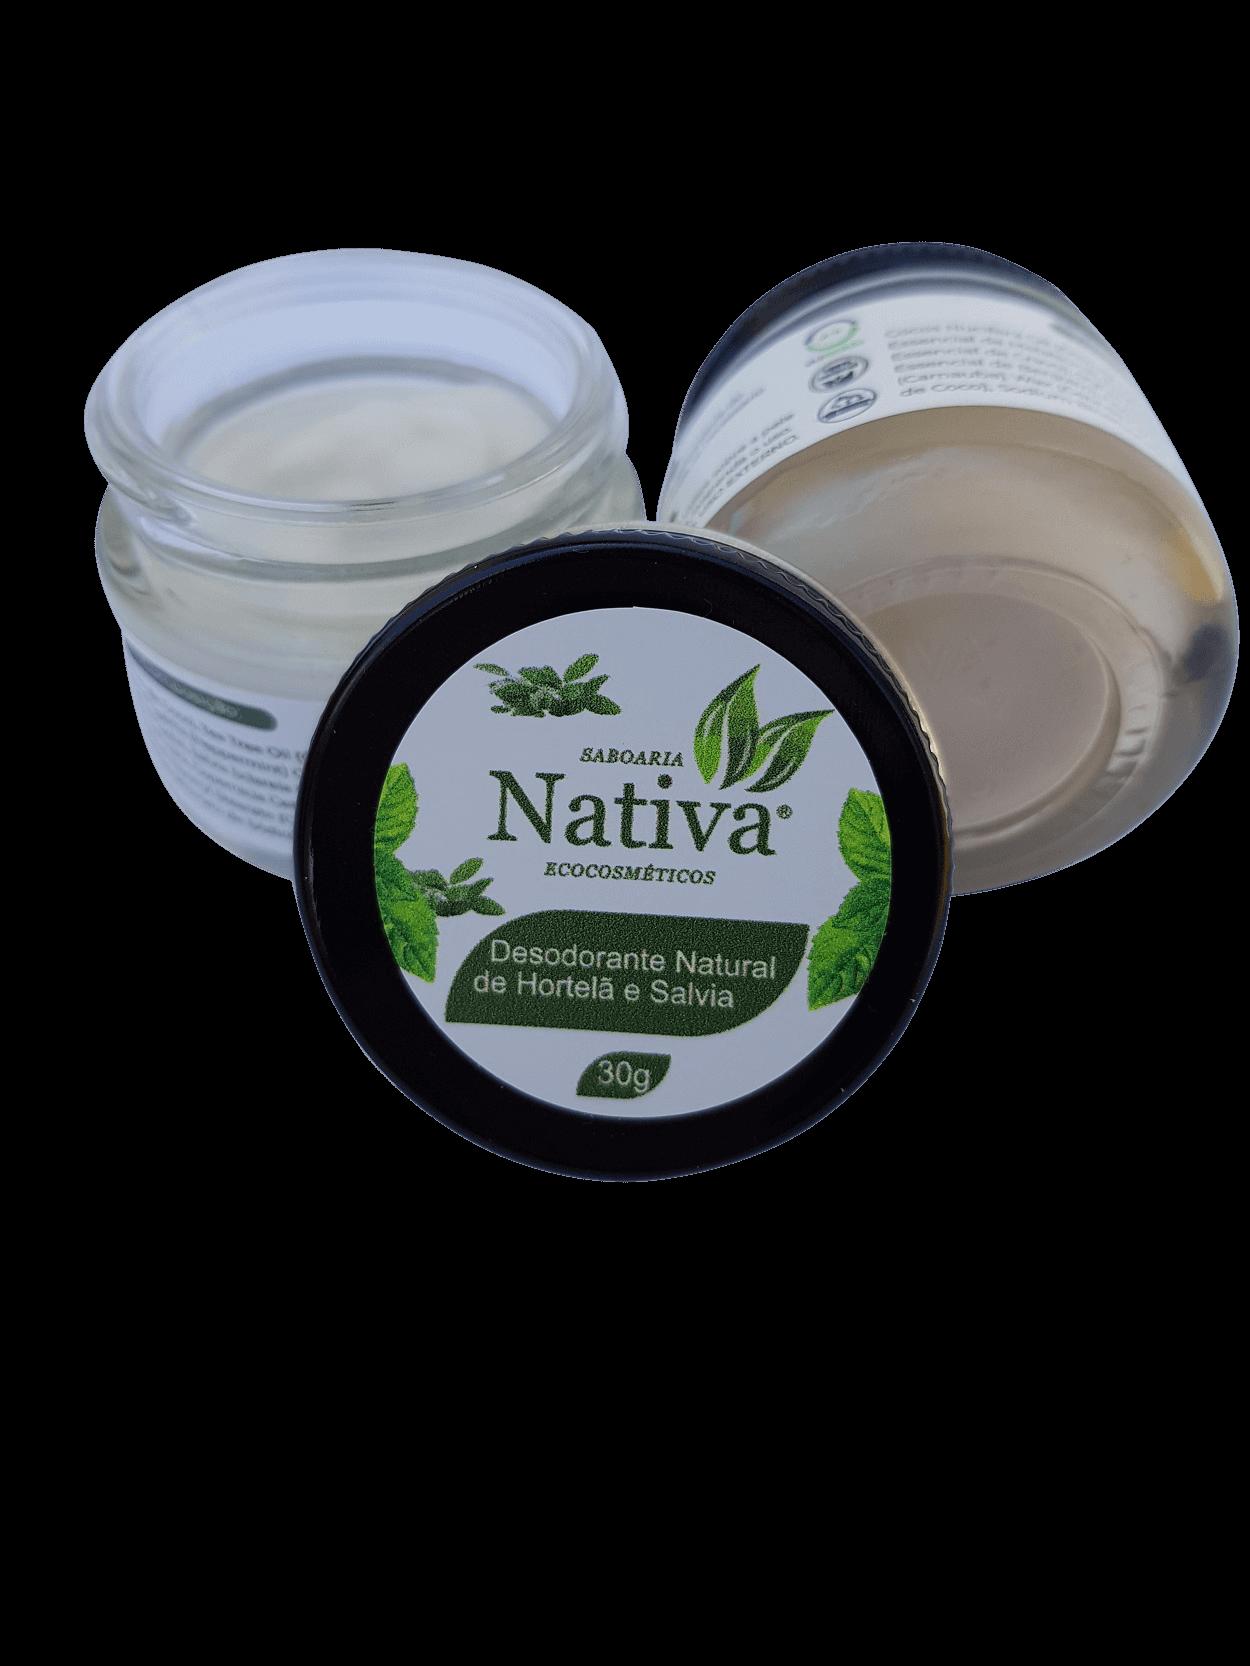 Desodorante Natural - Hortelã Pimenta e Sálvia 30g  - Saboaria Nativa Ecocosméticos